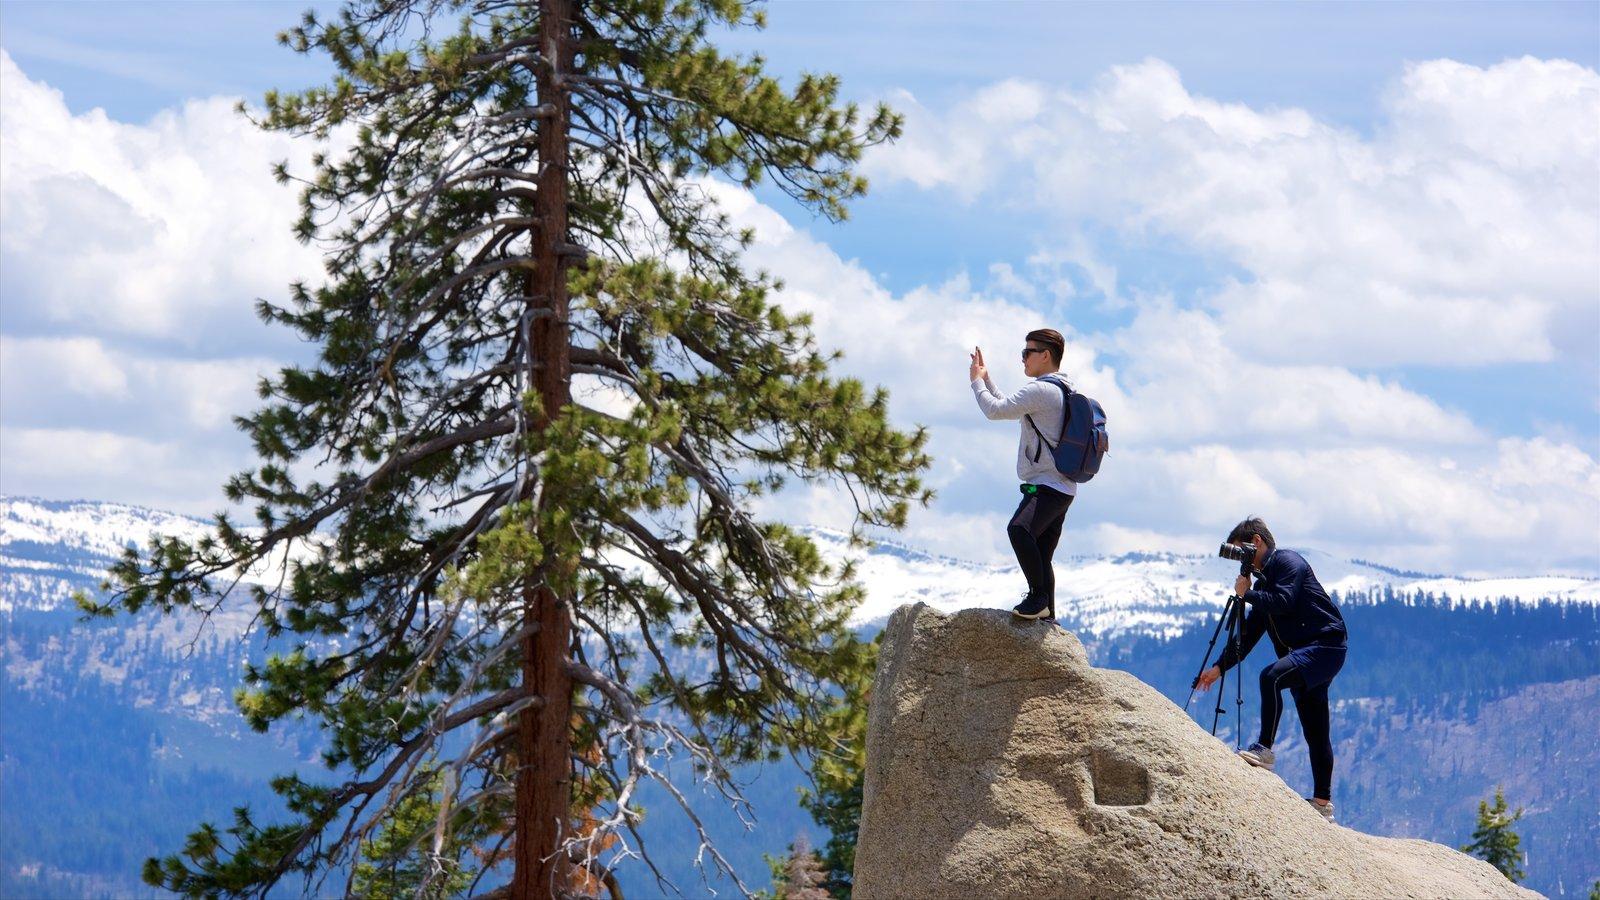 Glacier Point mostrando paisagens assim como um homem sozinho